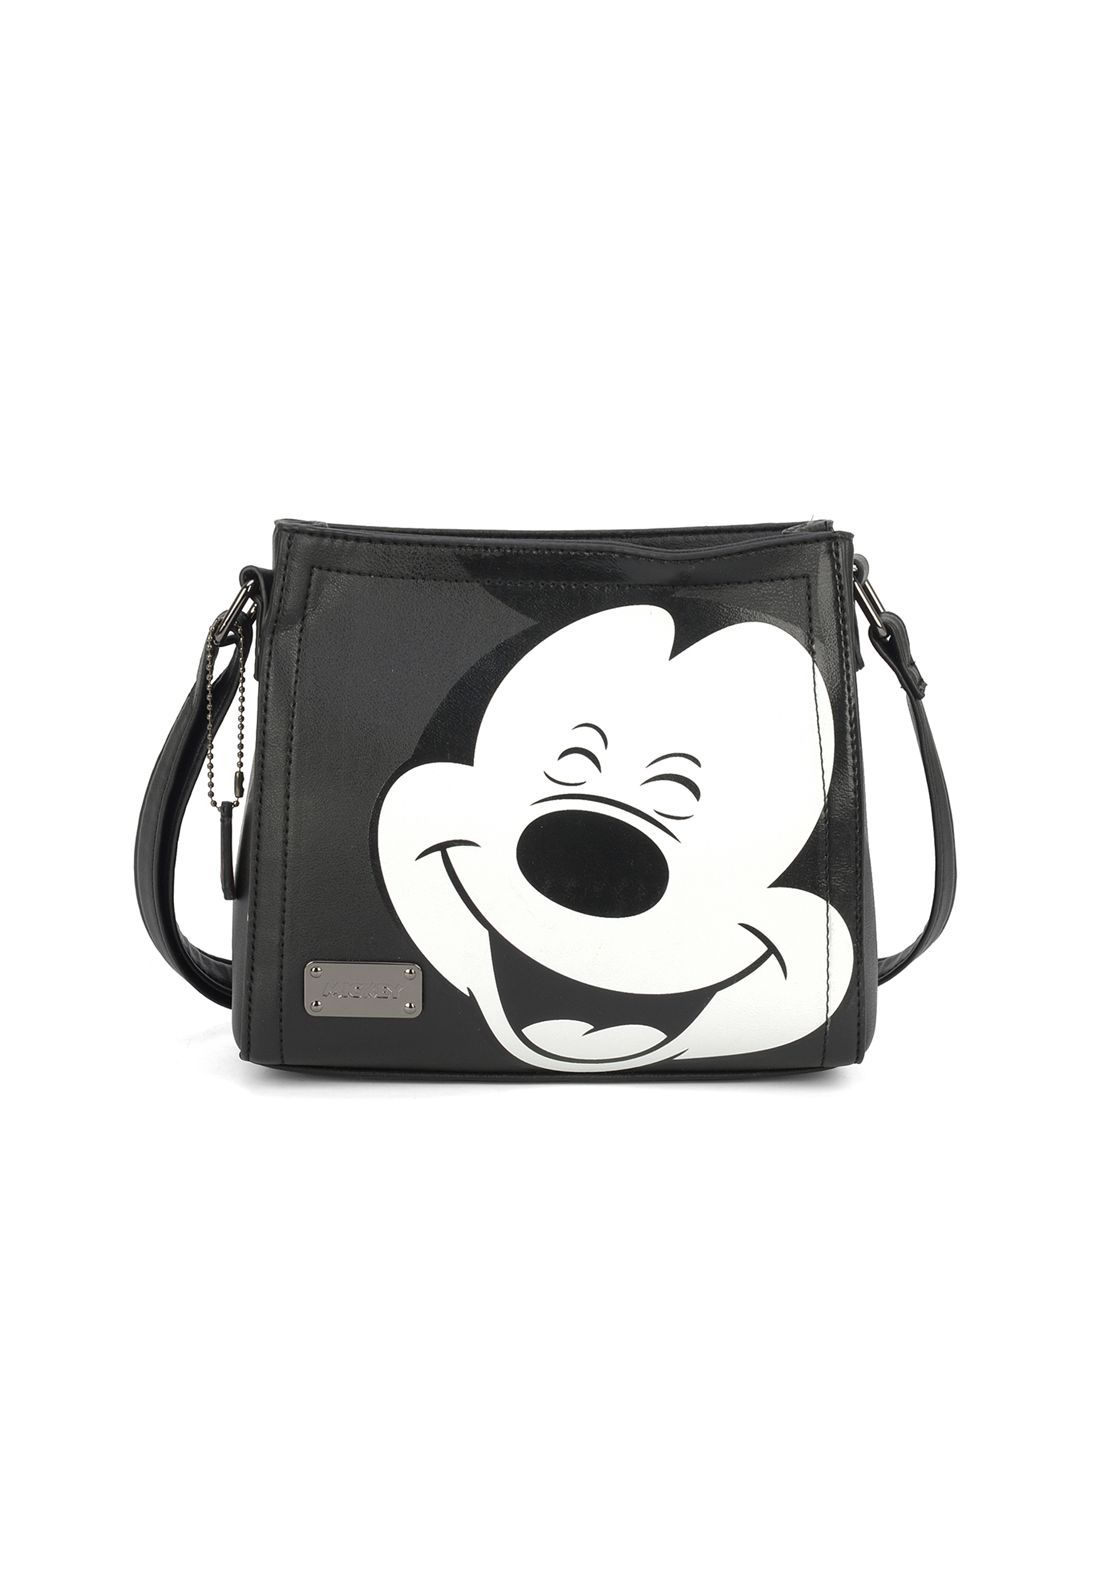 Bolsa Feminina Preta Mickey